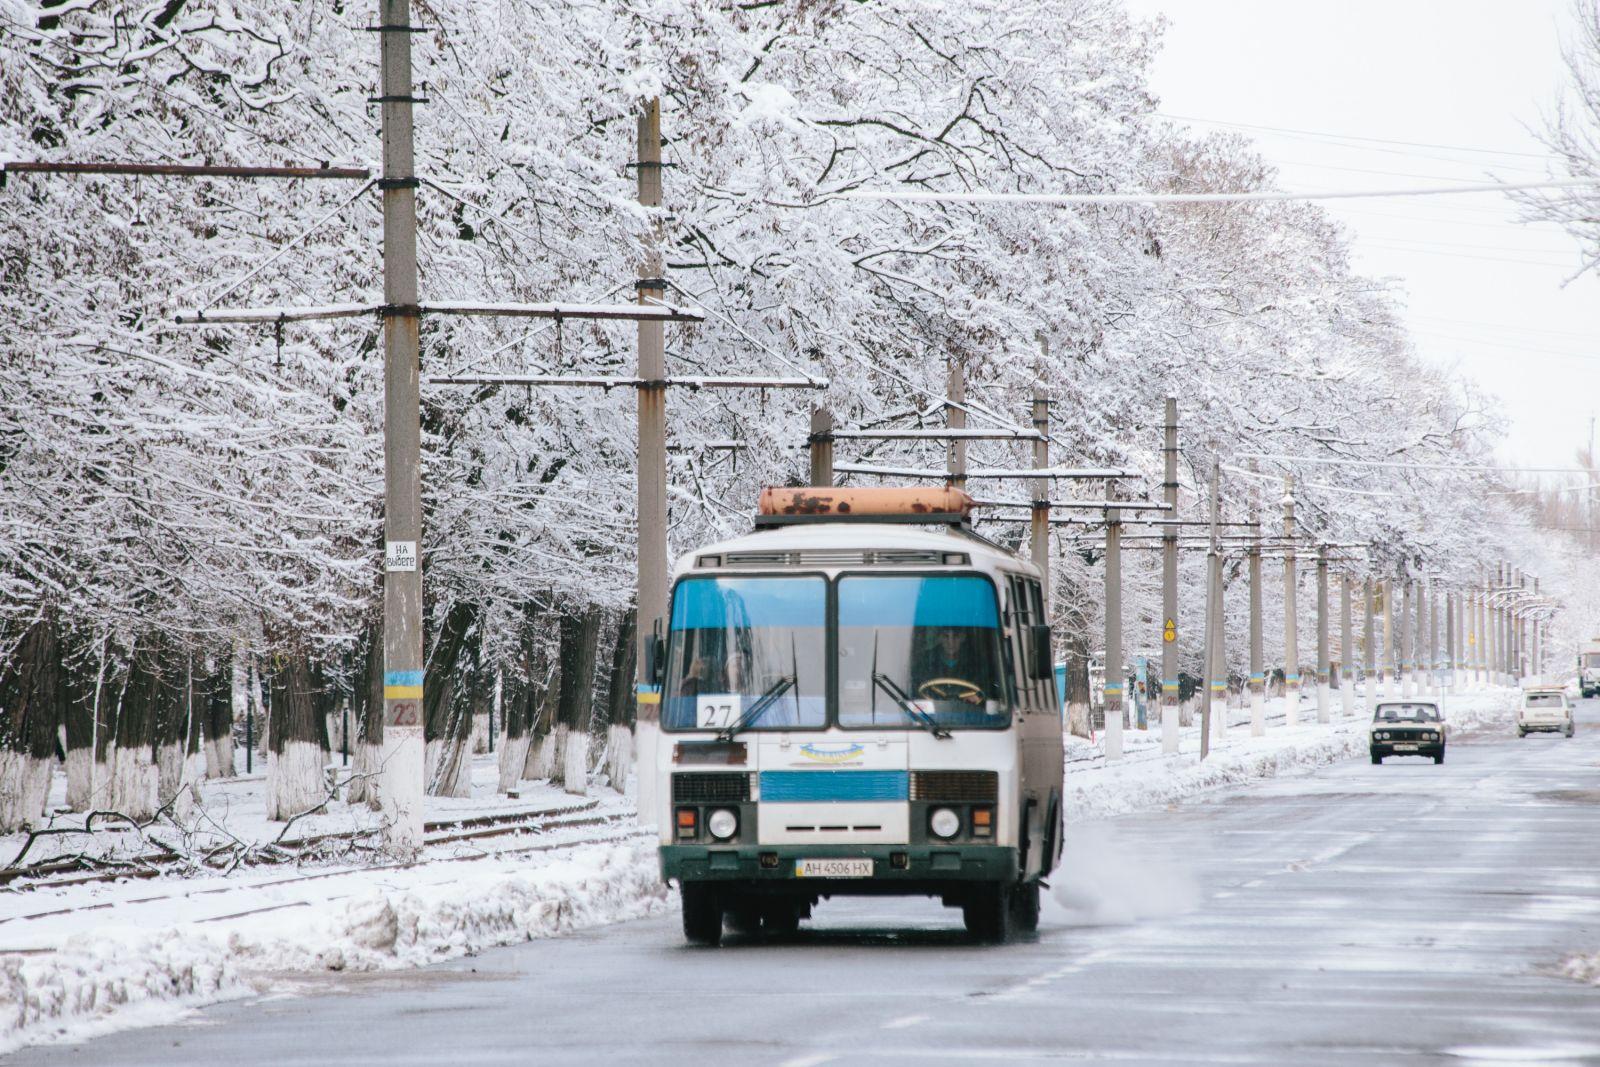 Сейчас по городу курсируют только автобусы, так как трамвайные пути не восстановлены